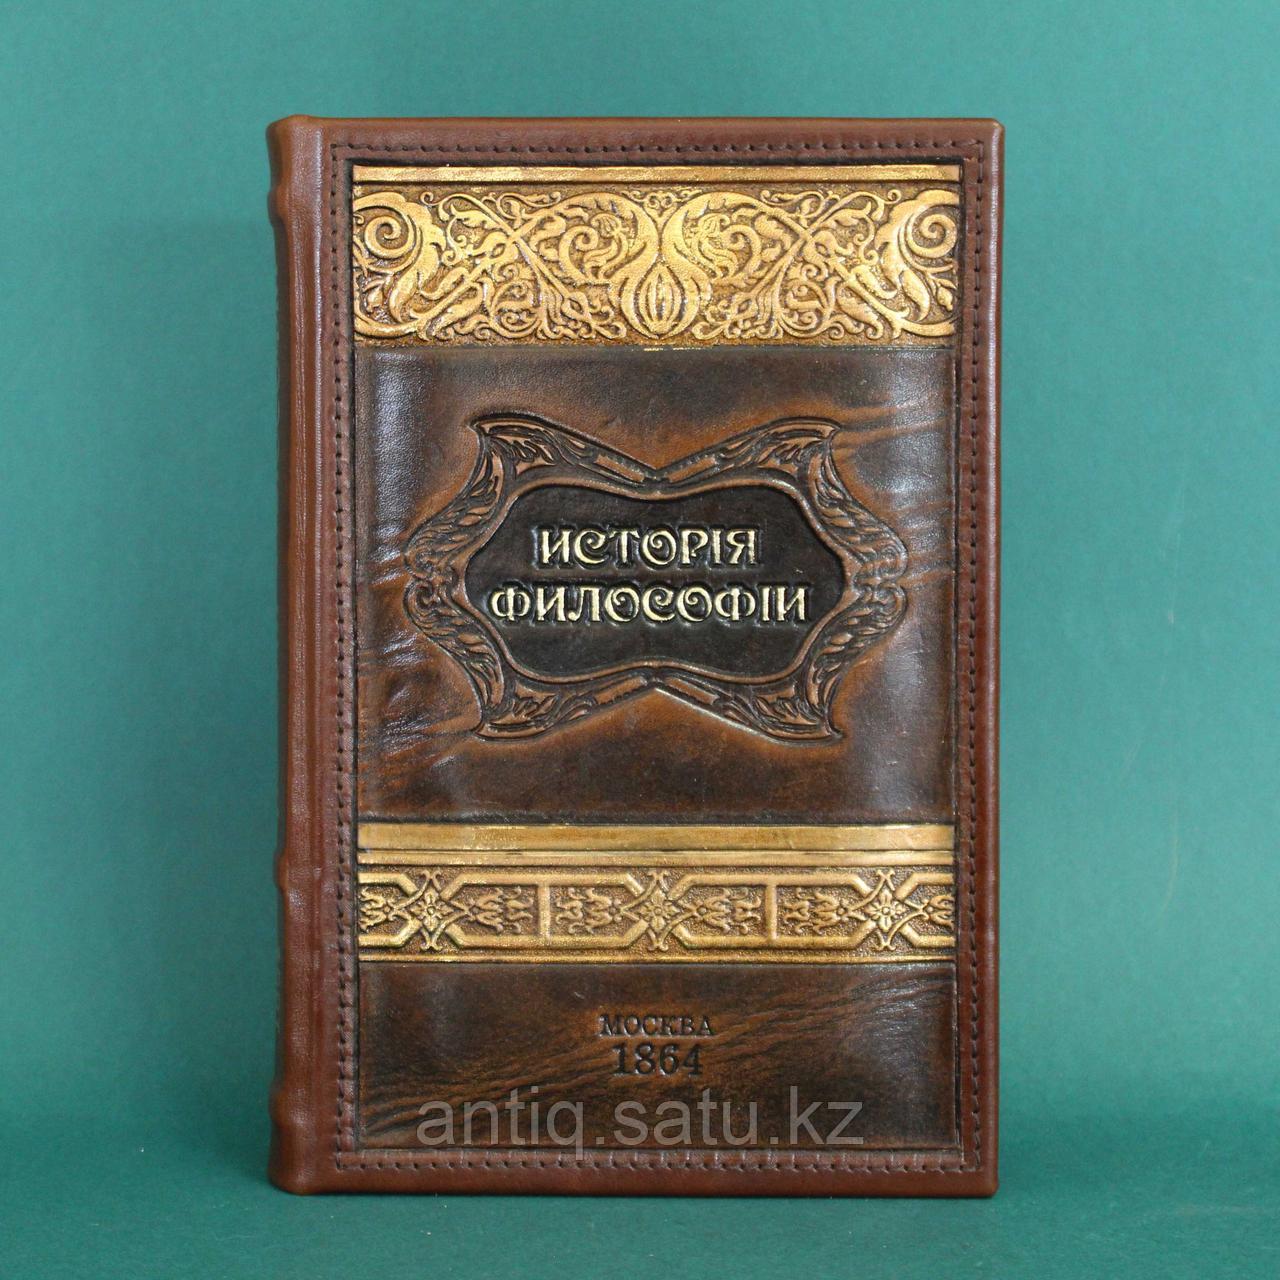 История Философии. Книга- автор Альберт Швеглер. Москва 1864 год - фото 1